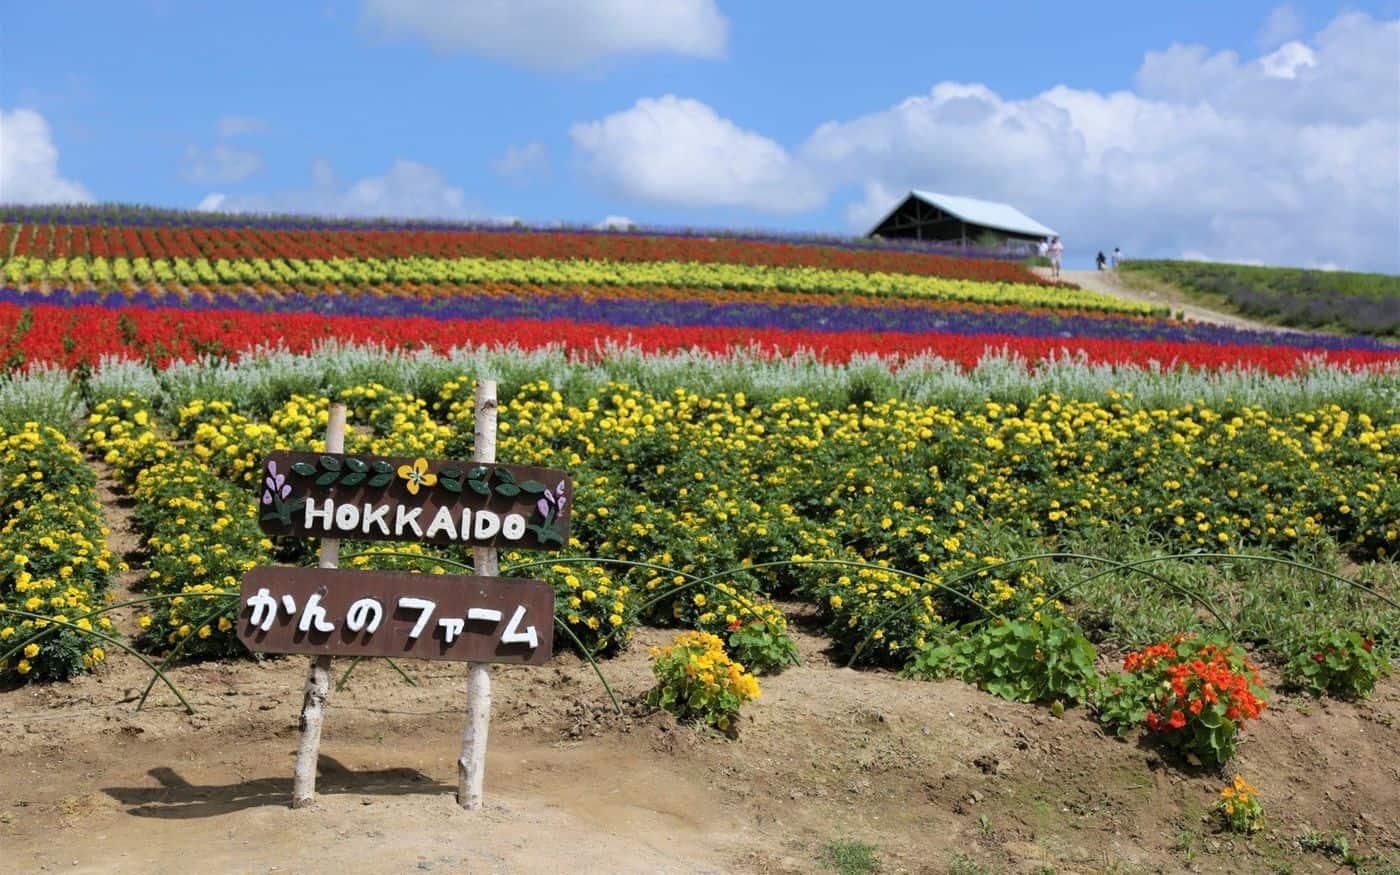 ทุ่งลาเวนเดอร์ Kanno Farm ใน ฮอกไกโด